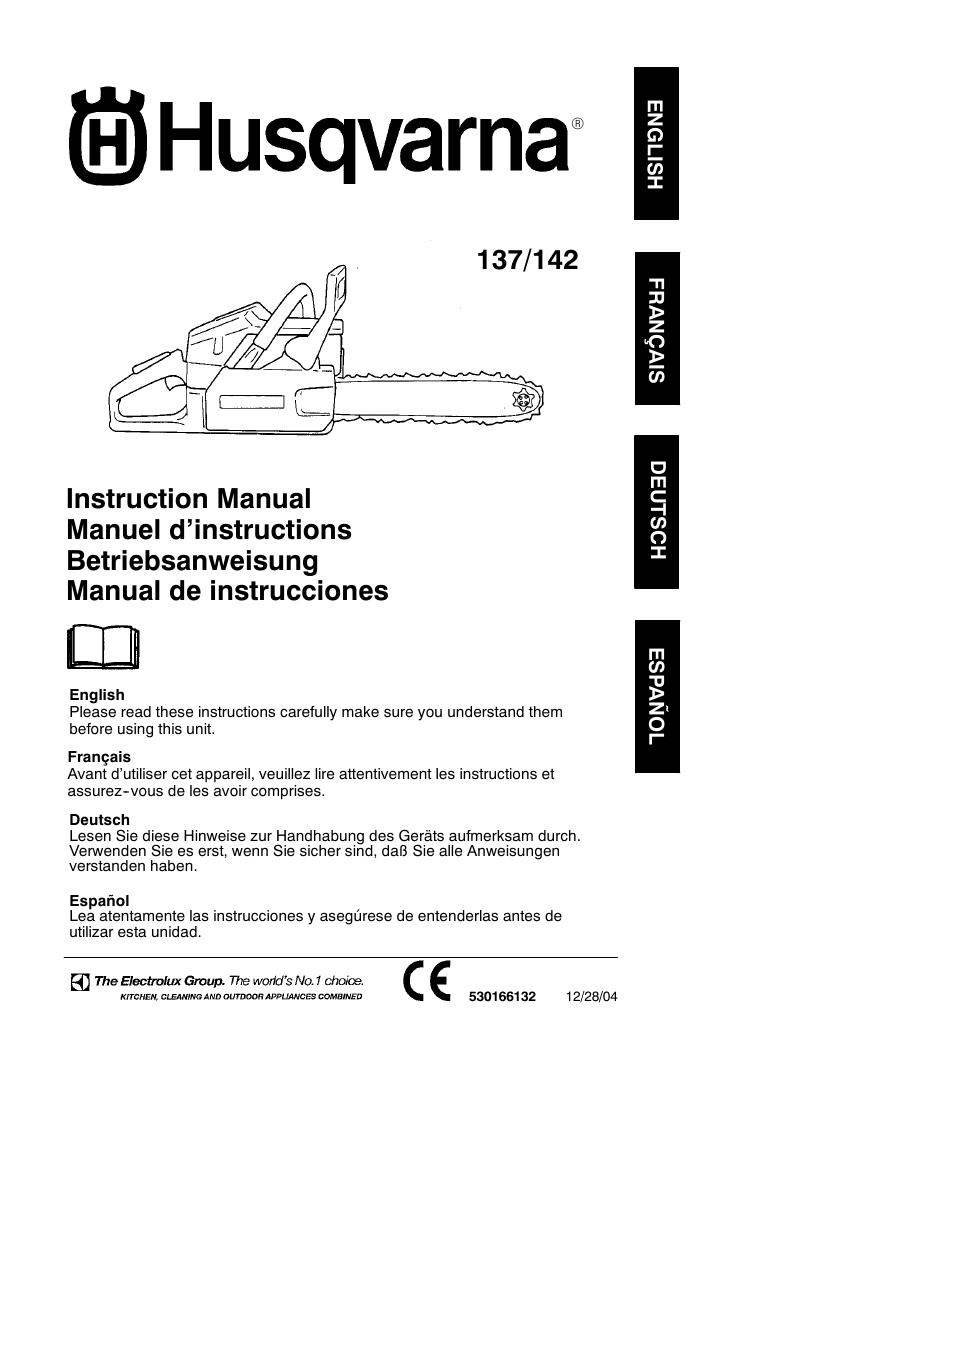 husqvarna 137 user manual 16 pages rh manualsdir com husqvarna 137 manual pdf husqvarna 137 service manual